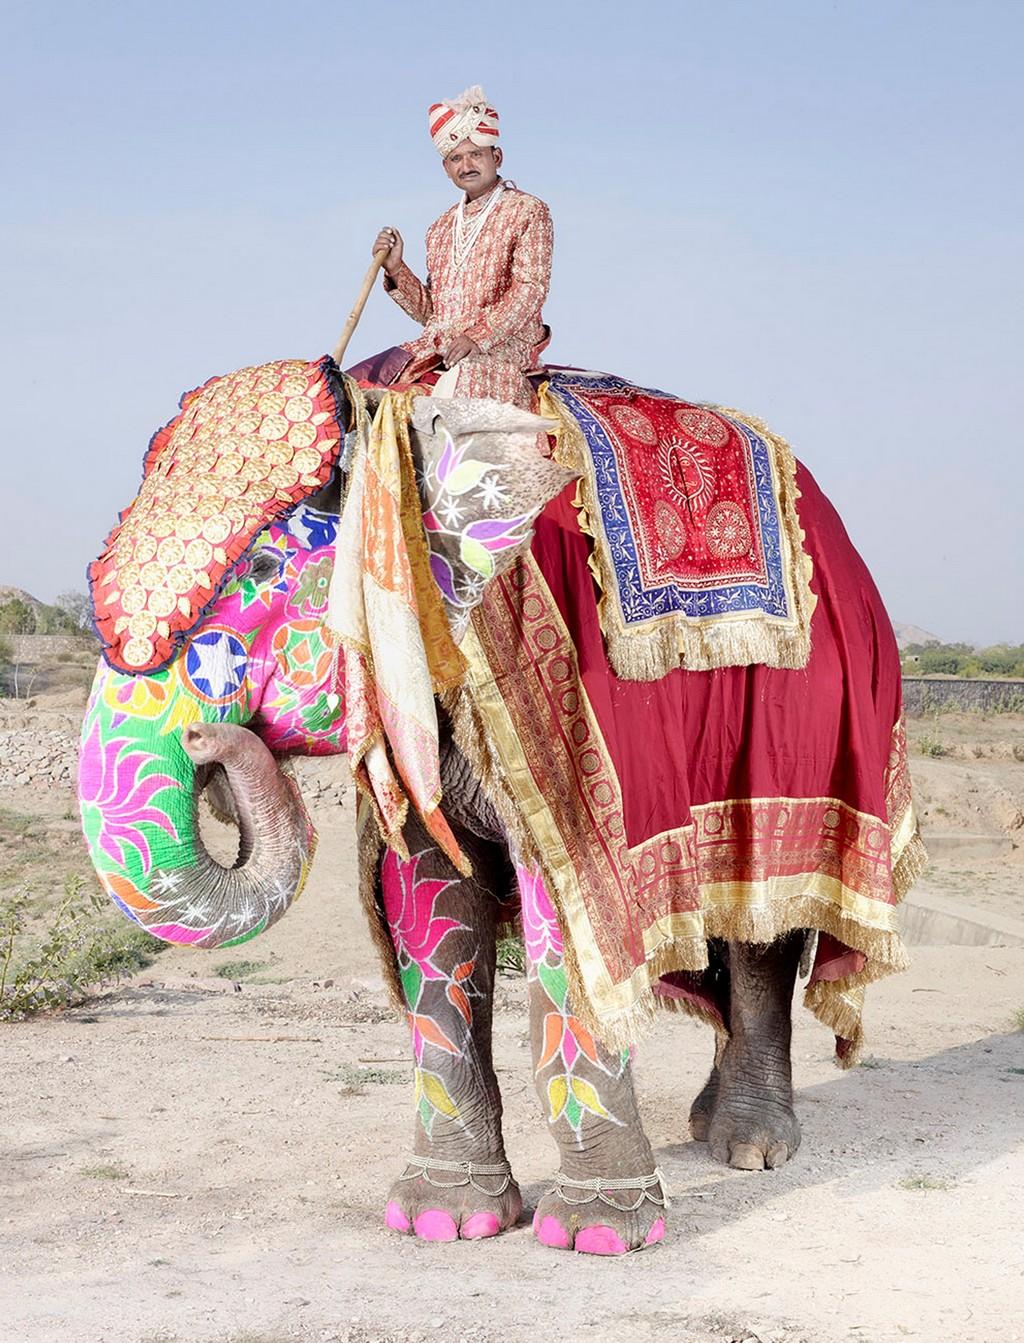 raspisnye slony 2